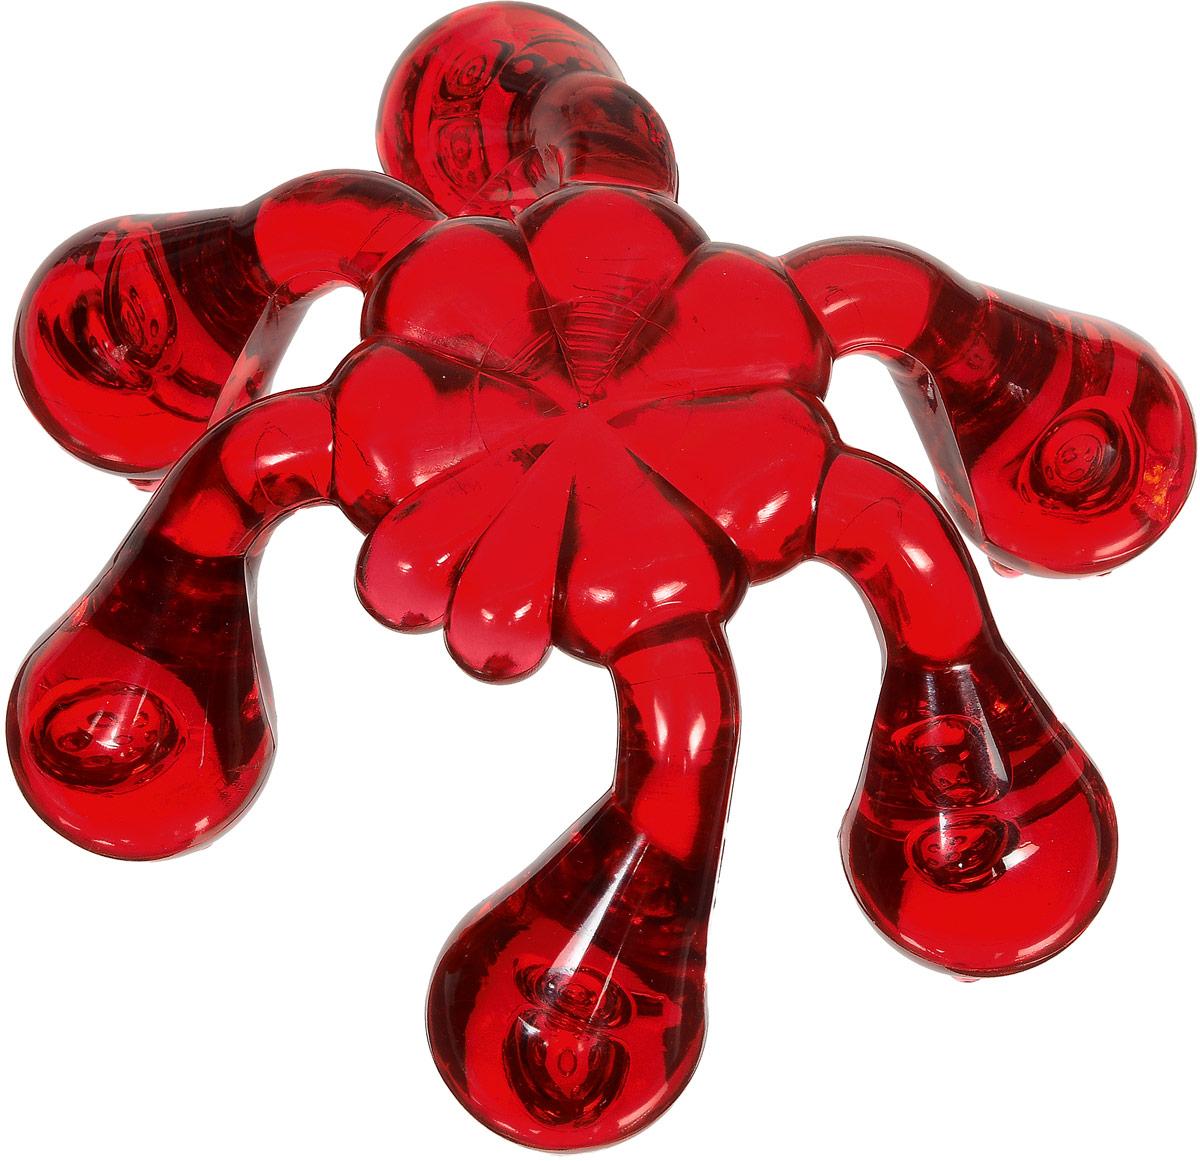 Лапонька-краб мануальный массажер, цвет: красный